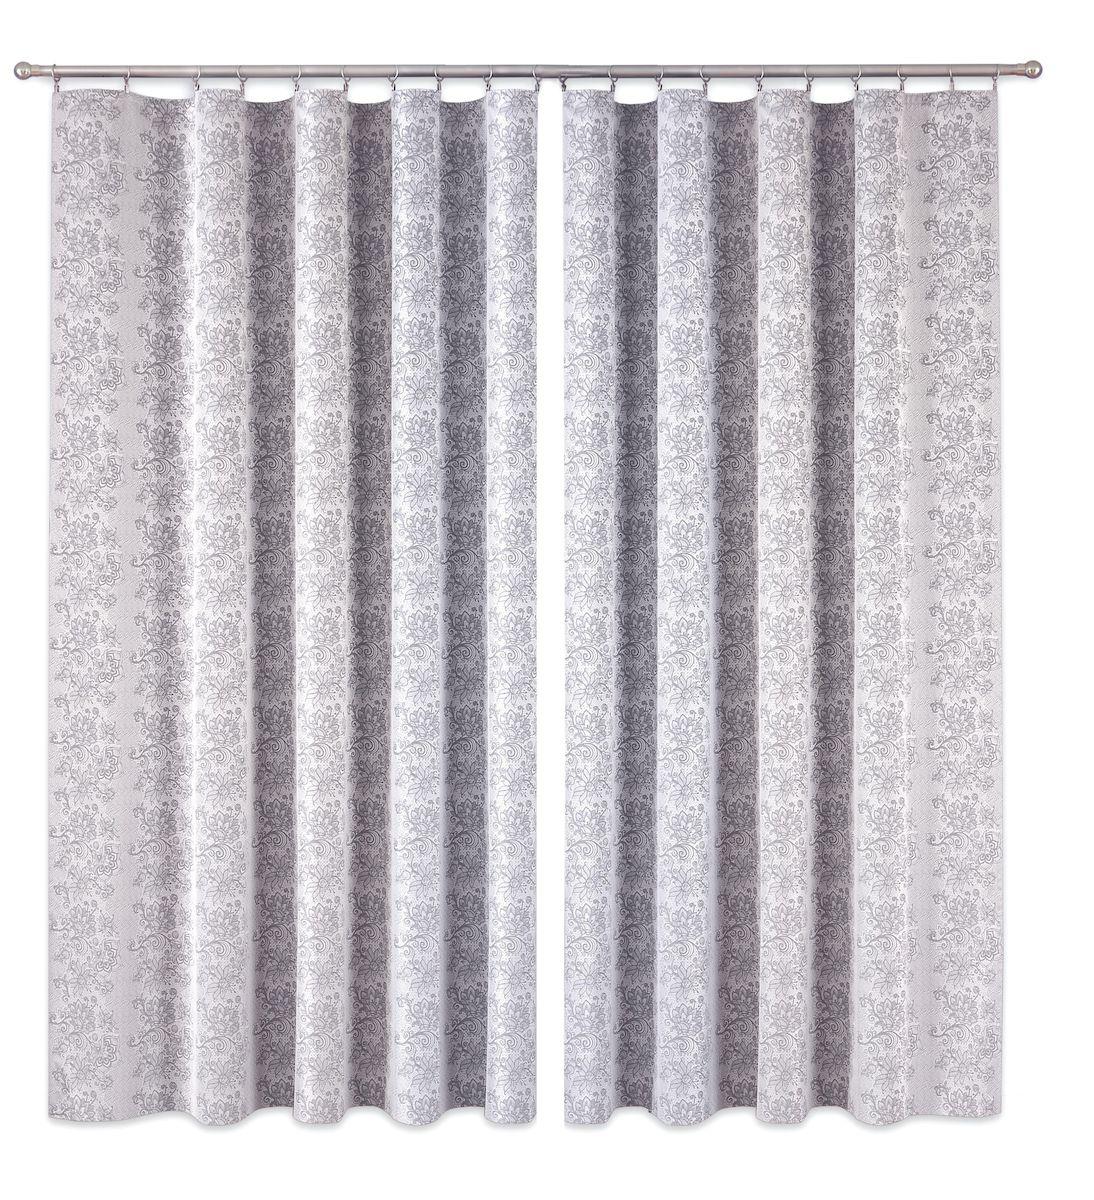 Комплект штор P Primavera Firany, цвет: серый, высота 280 см. 11100171110017Комплект шториз полиэстровой жаккардовой ткани с пришитой шторнойлентой. Размер - ширина 180 см высота 280см. Набор 2 штуки. Цвет серый.Размер: ширина 180 х высота 280